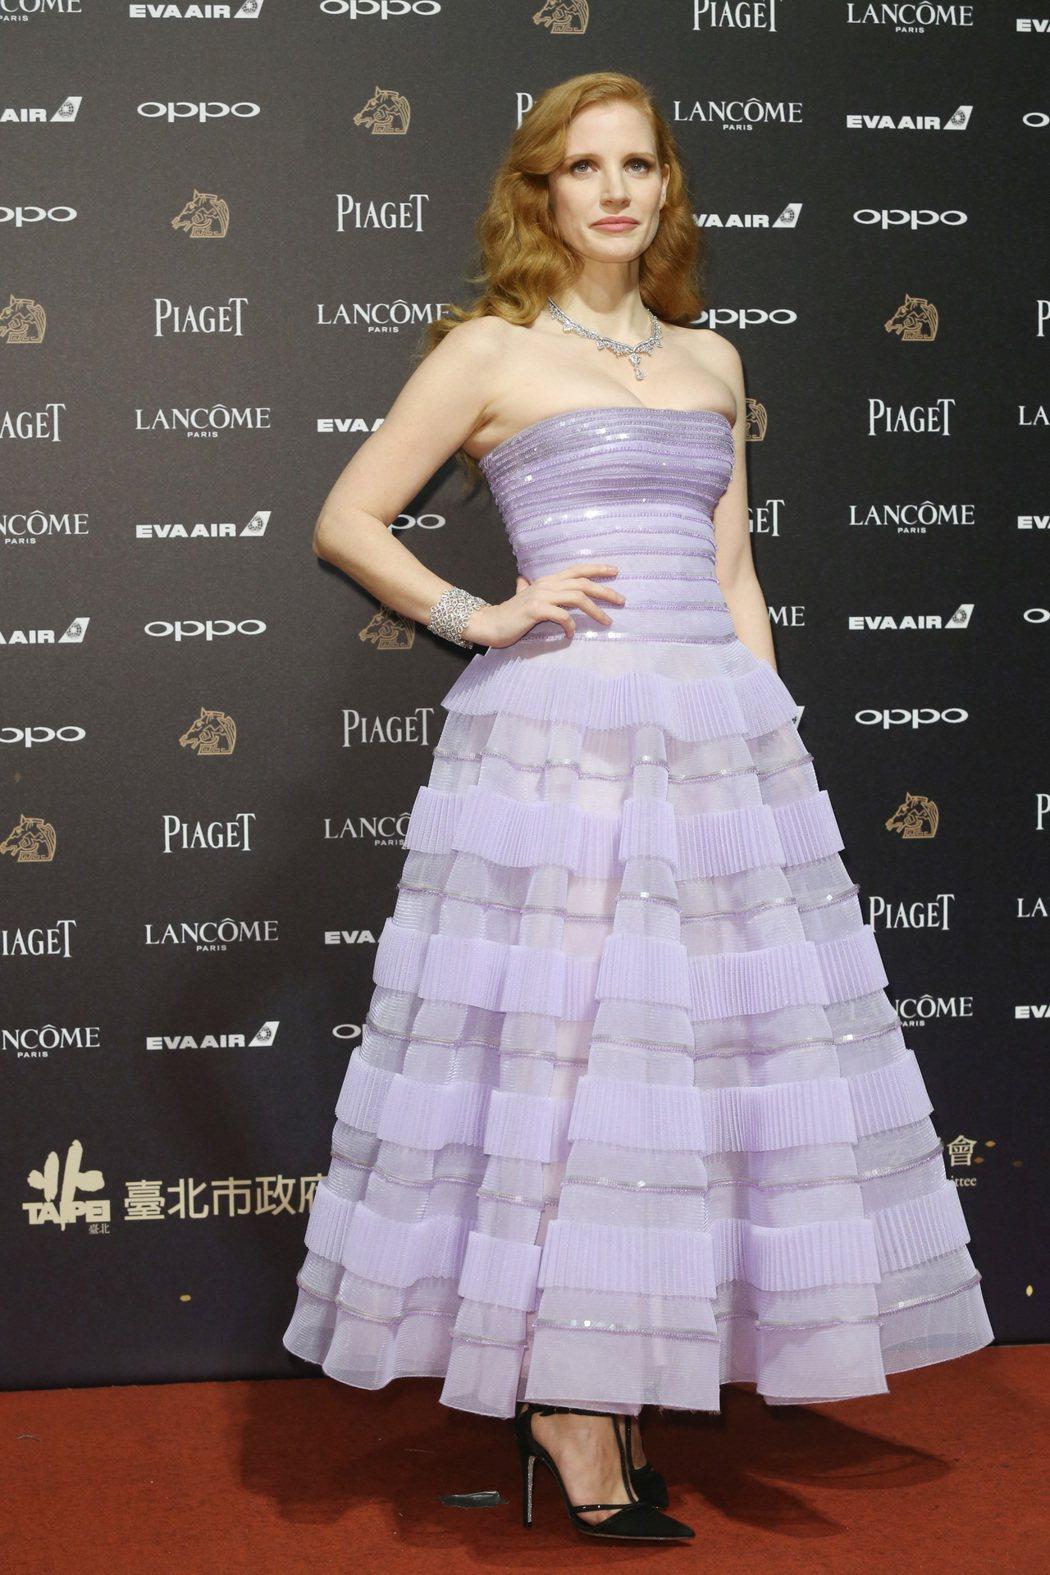 第五十四屆金馬獎頒獎嘉賓潔西卡雀絲坦走紅毯。記者林俊良/攝影